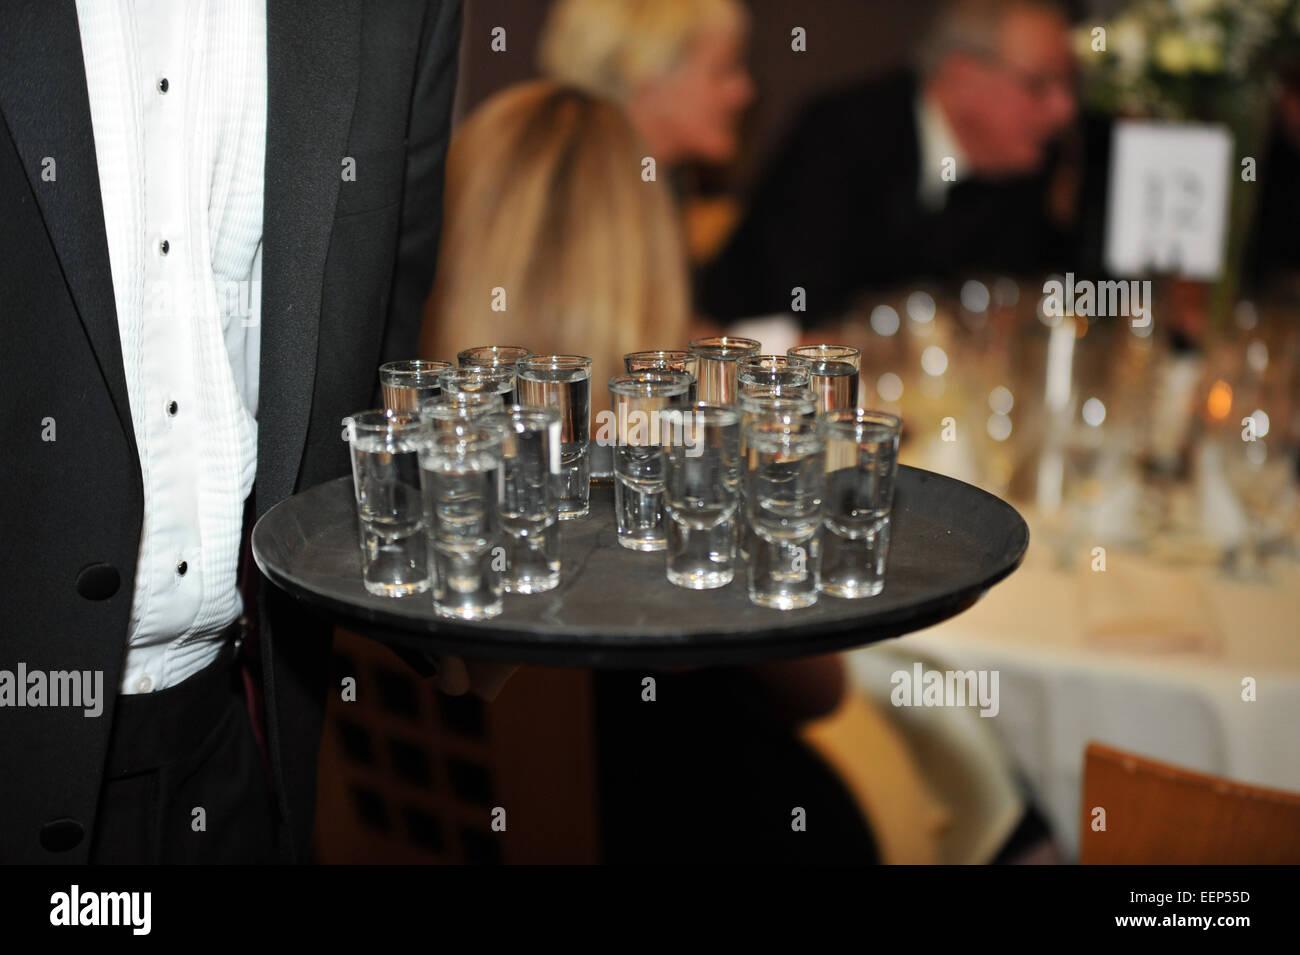 Trinkkultur im Vereinigten Königreich, Wodka Shots, Party-Drinks. Stockbild